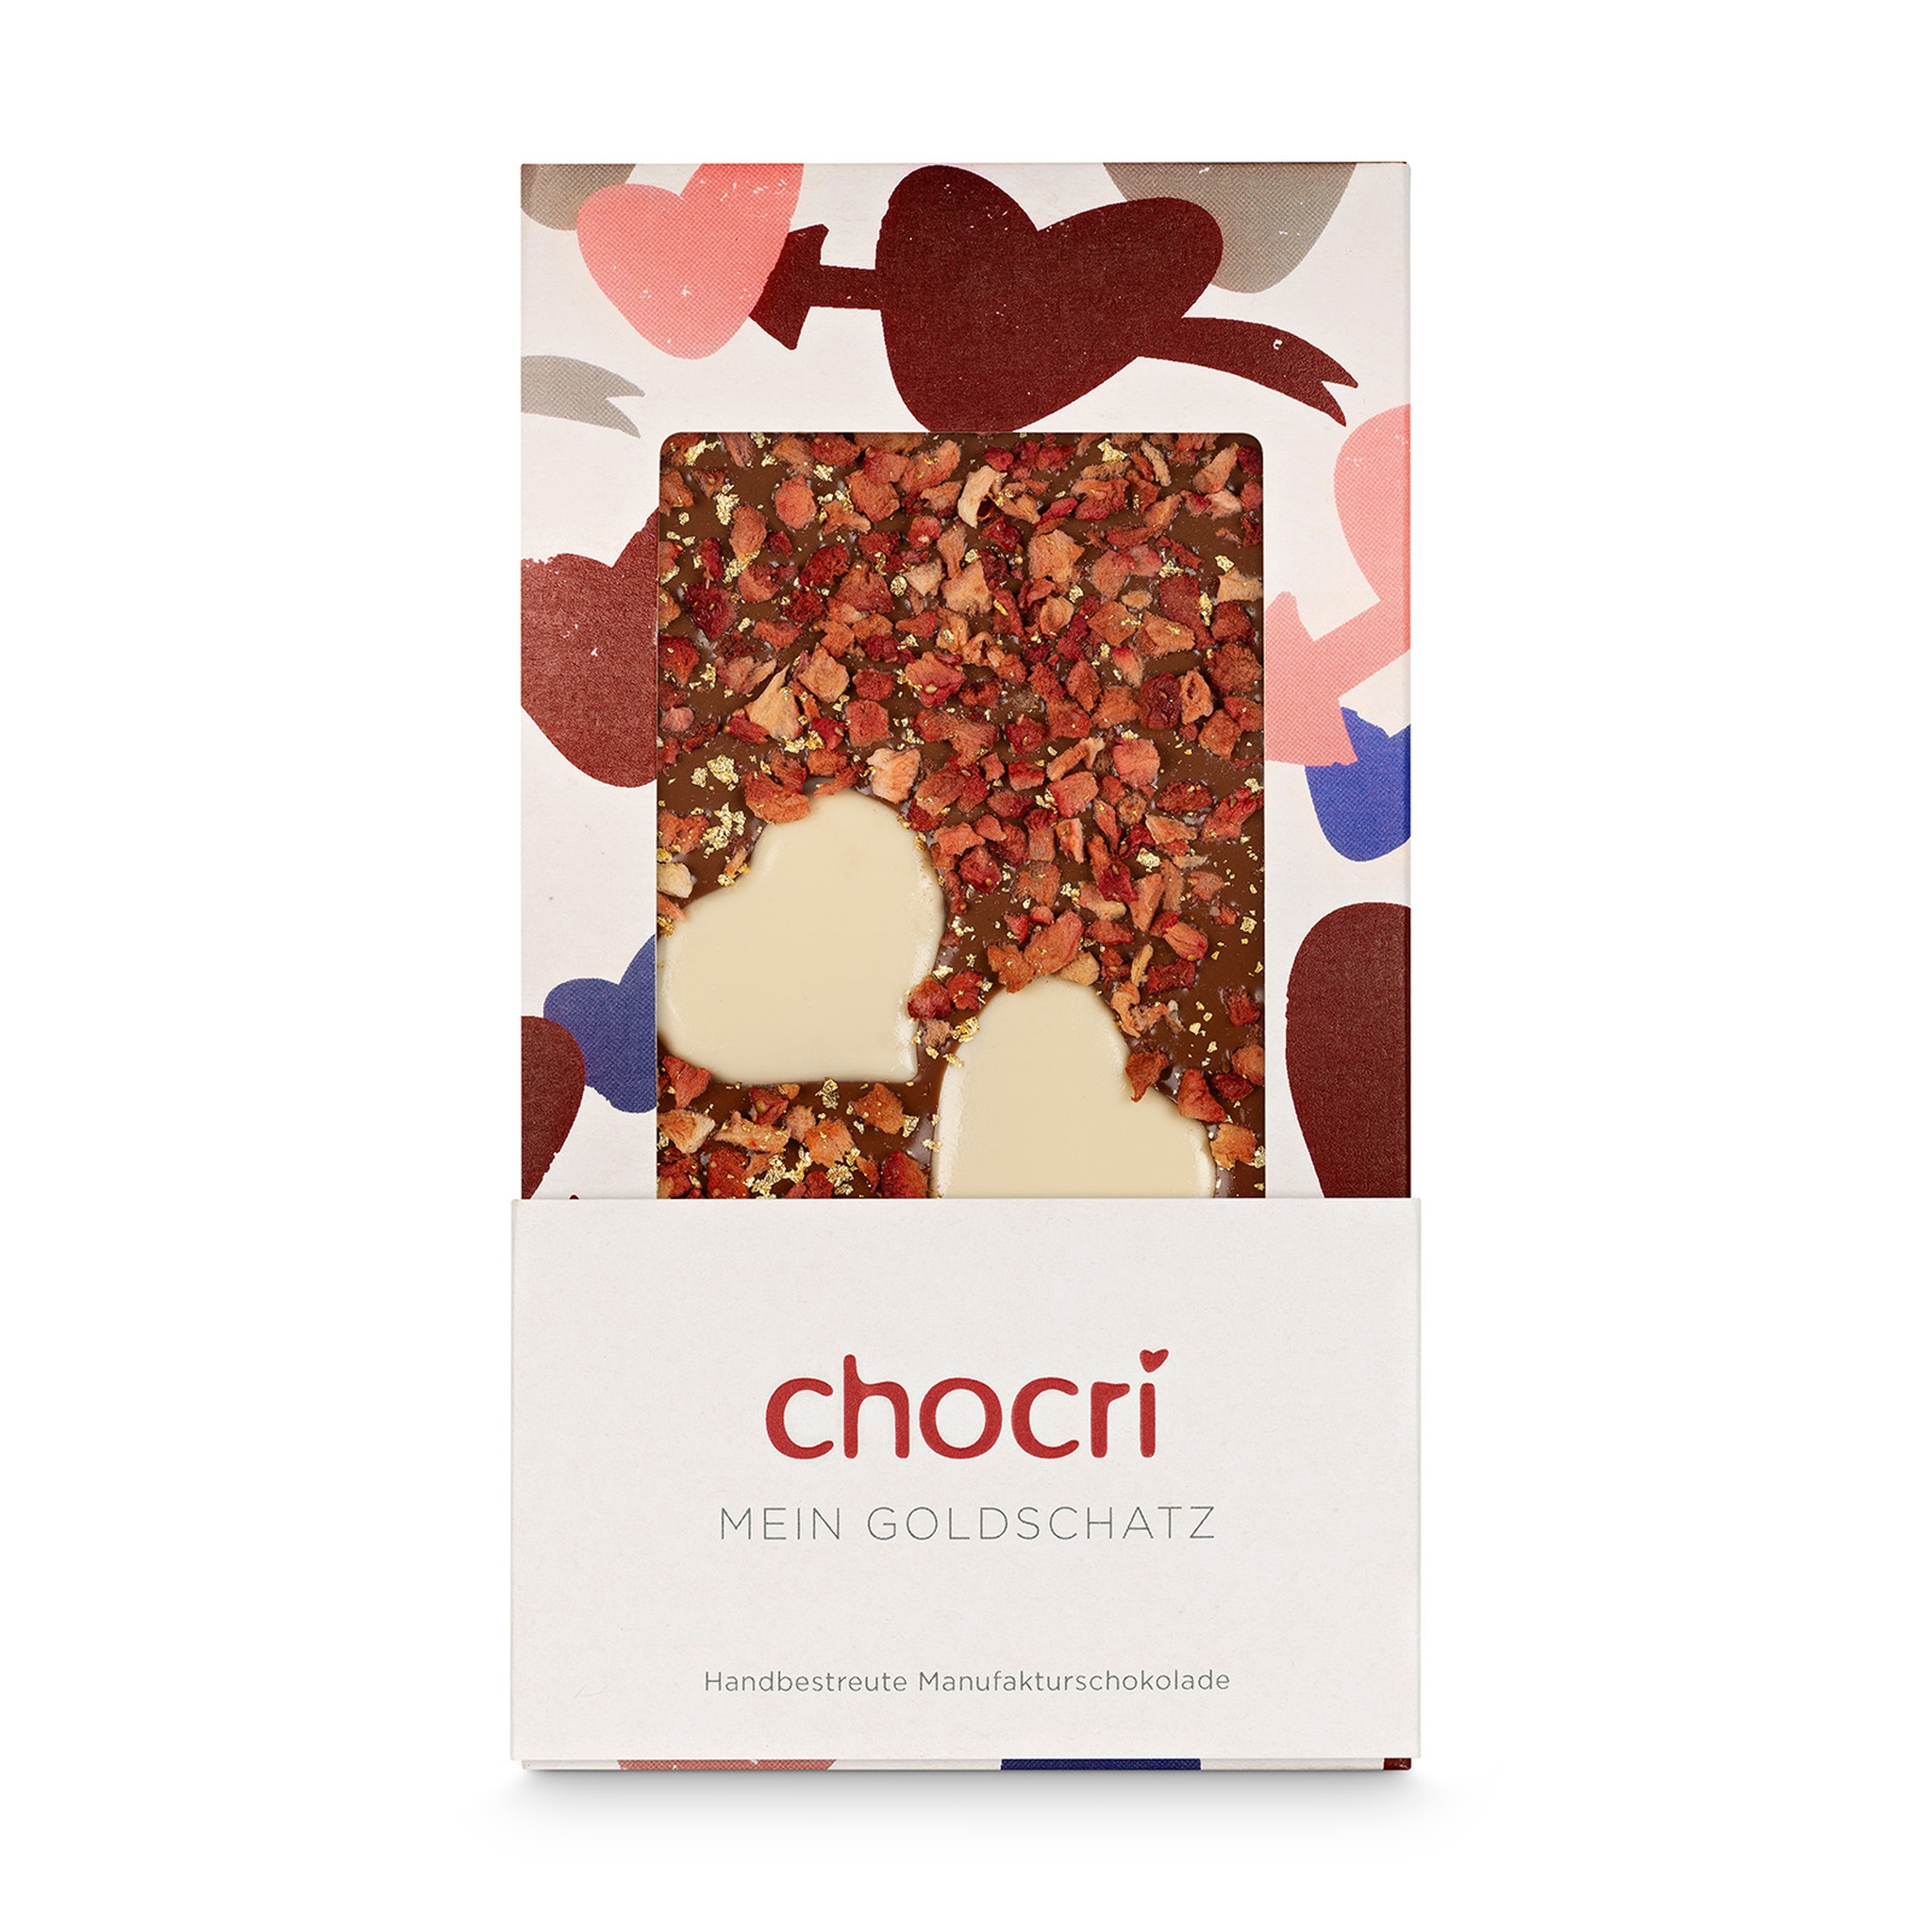 - chocri 'Mein Goldschatz' Schokoladentafel - Onlineshop Chocri